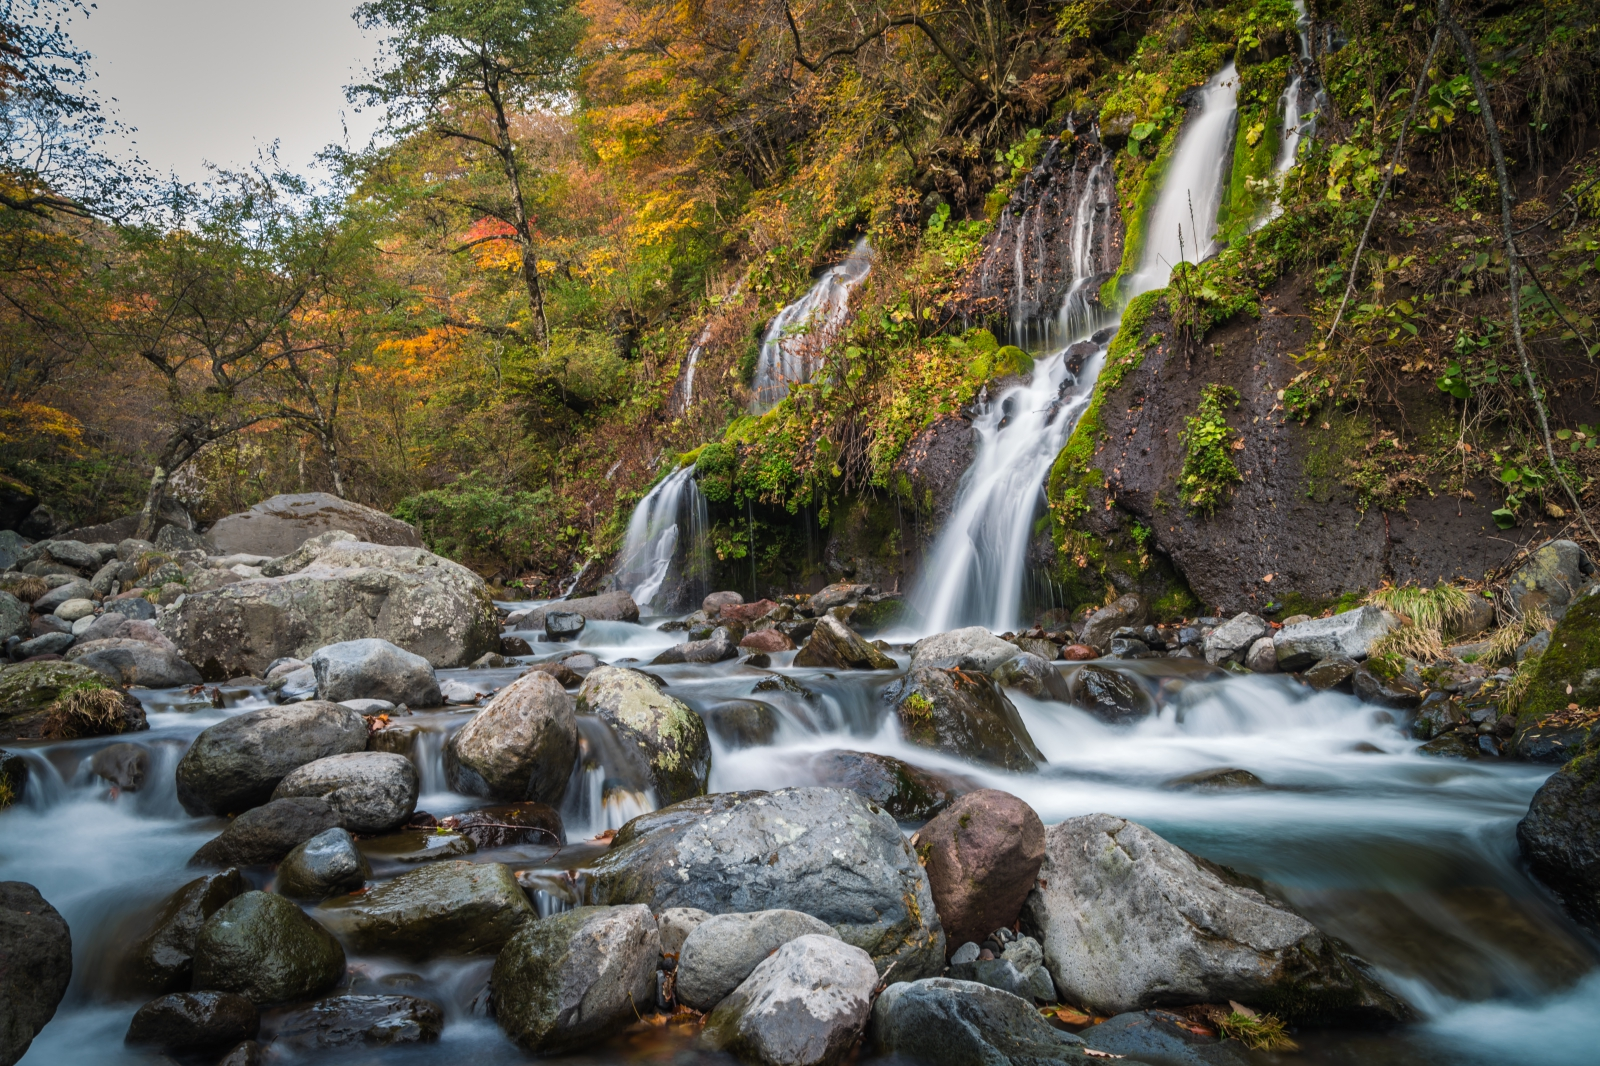 紅葉の中を流れる絹糸の滝が優美